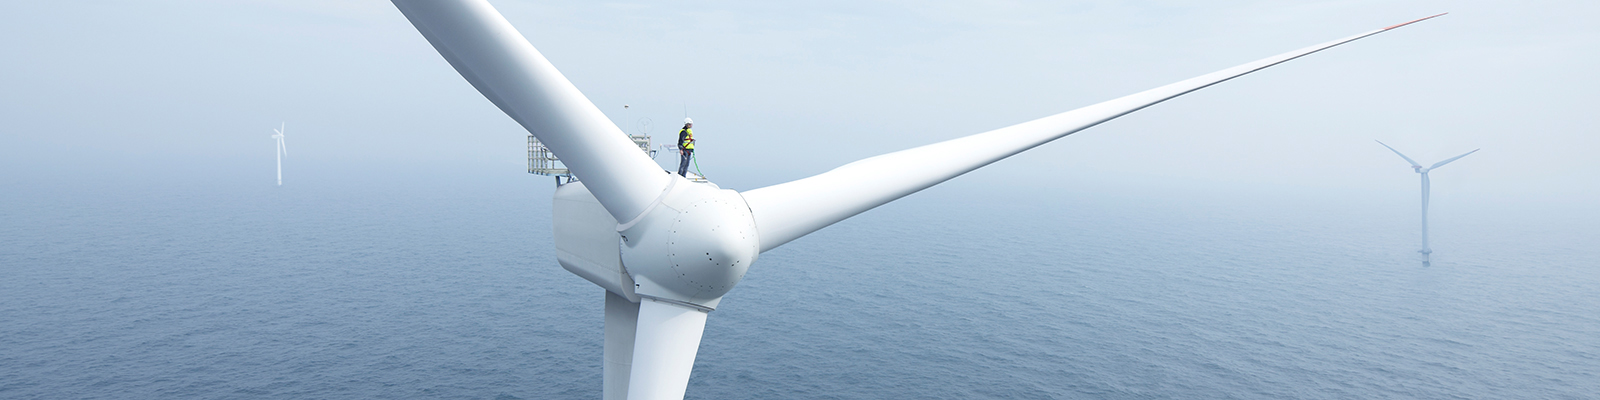 Offshore-Windpark zum Thema Energiewende; Quelle: ABB